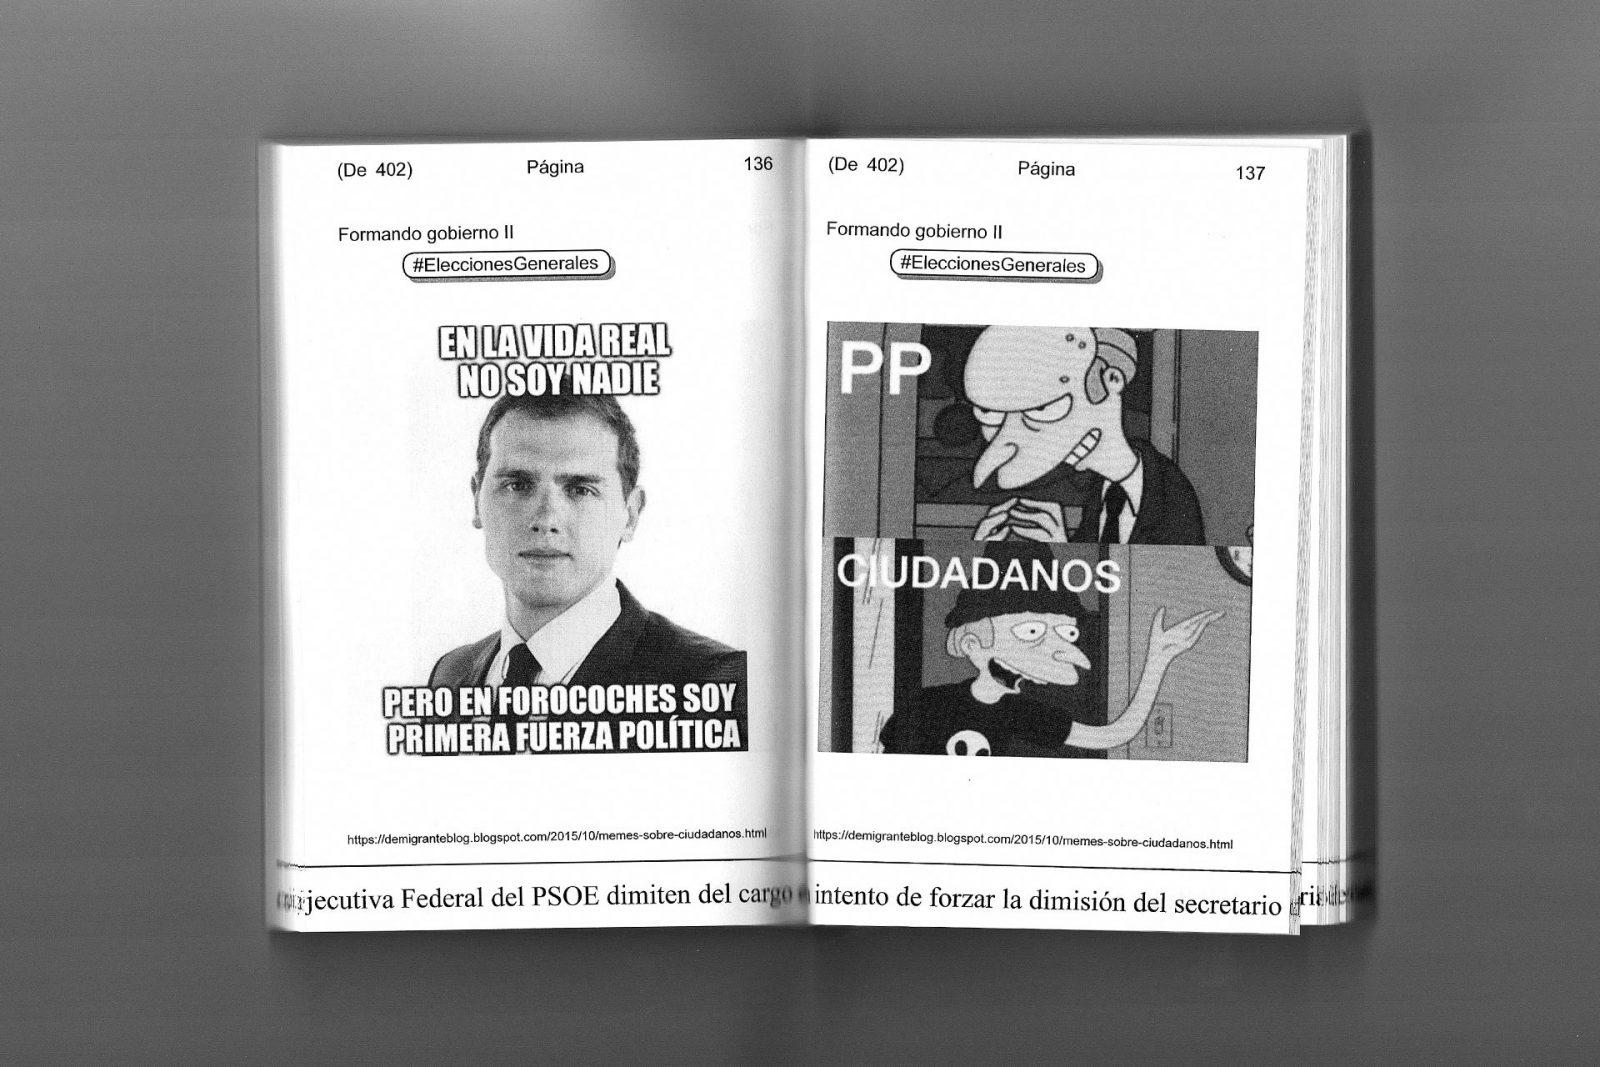 Folklore digital de Diego March. Un libro impreso burocráticamente.